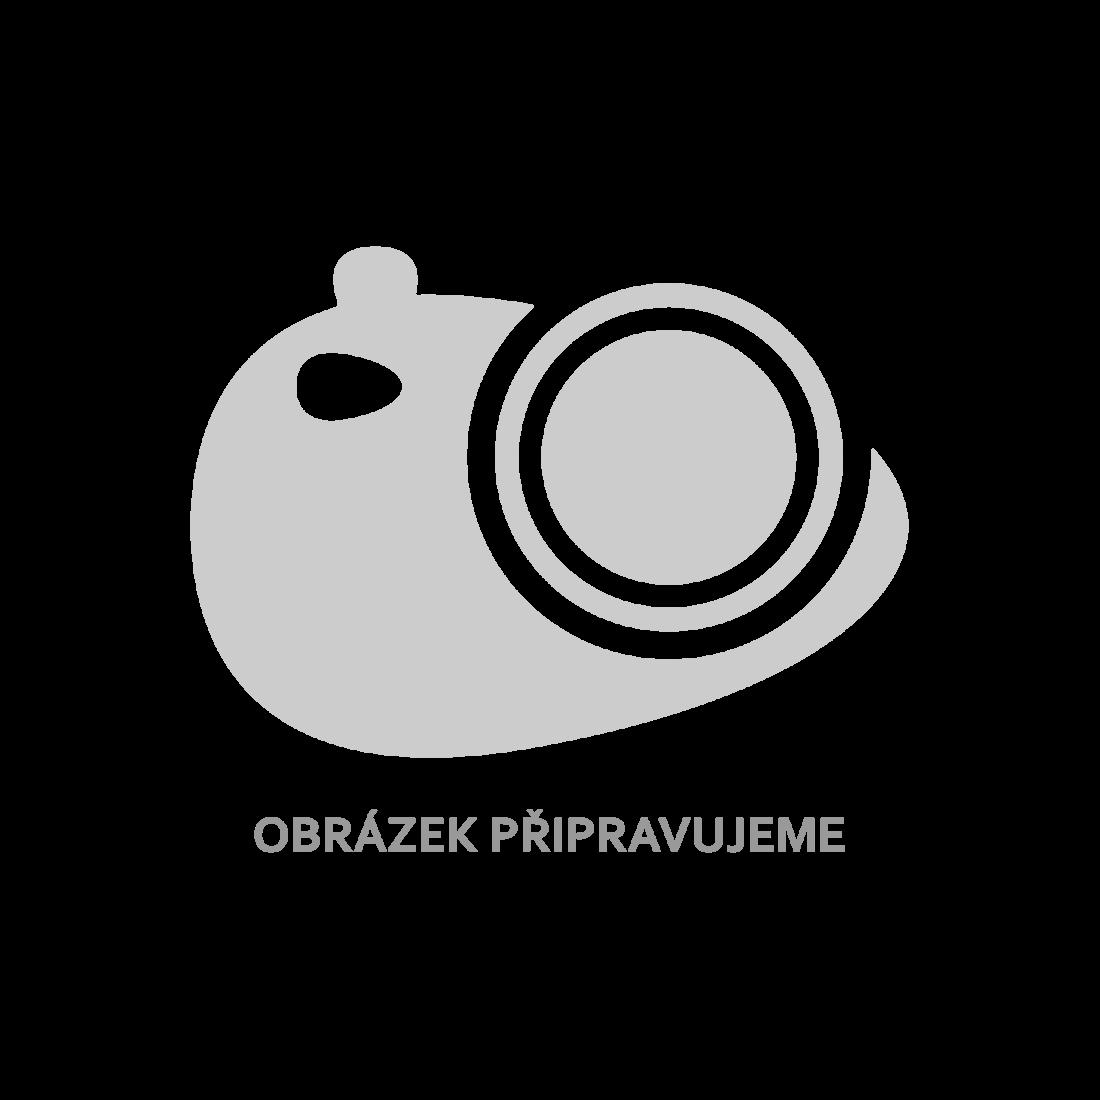 vidaXL Nohy k jídelnímu stolu ve tvaru X 2 ks 60 x 72 cm [285171]